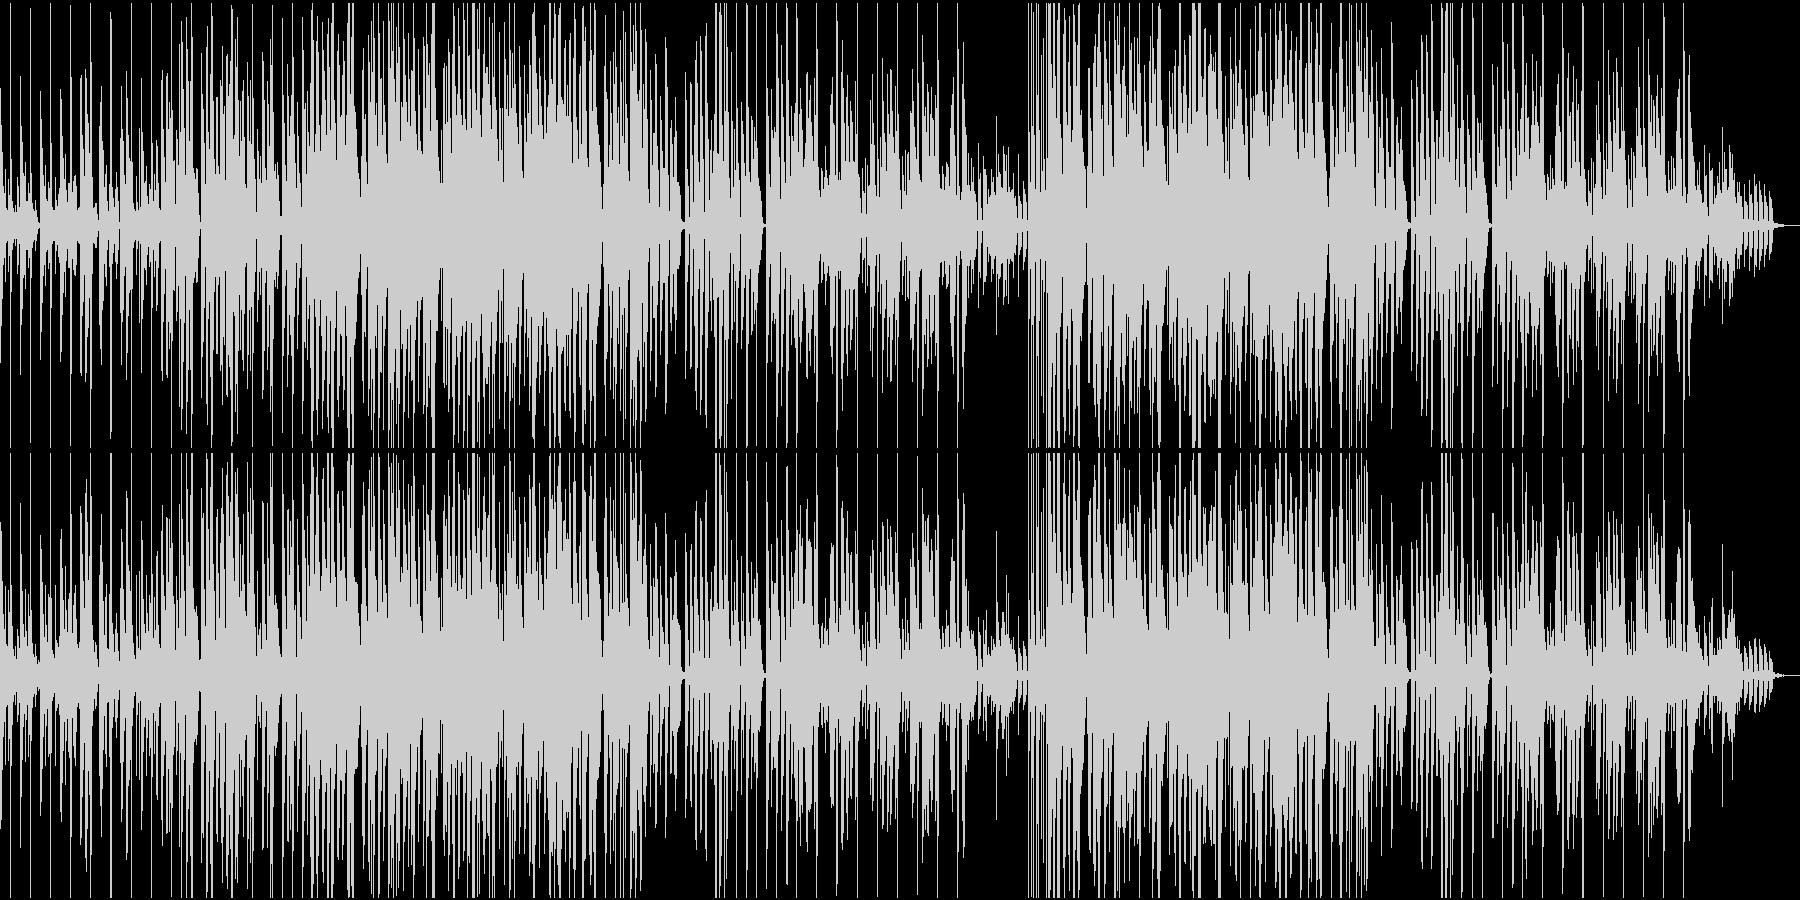 軽快レトロな可愛らしいゲーム風音楽の未再生の波形